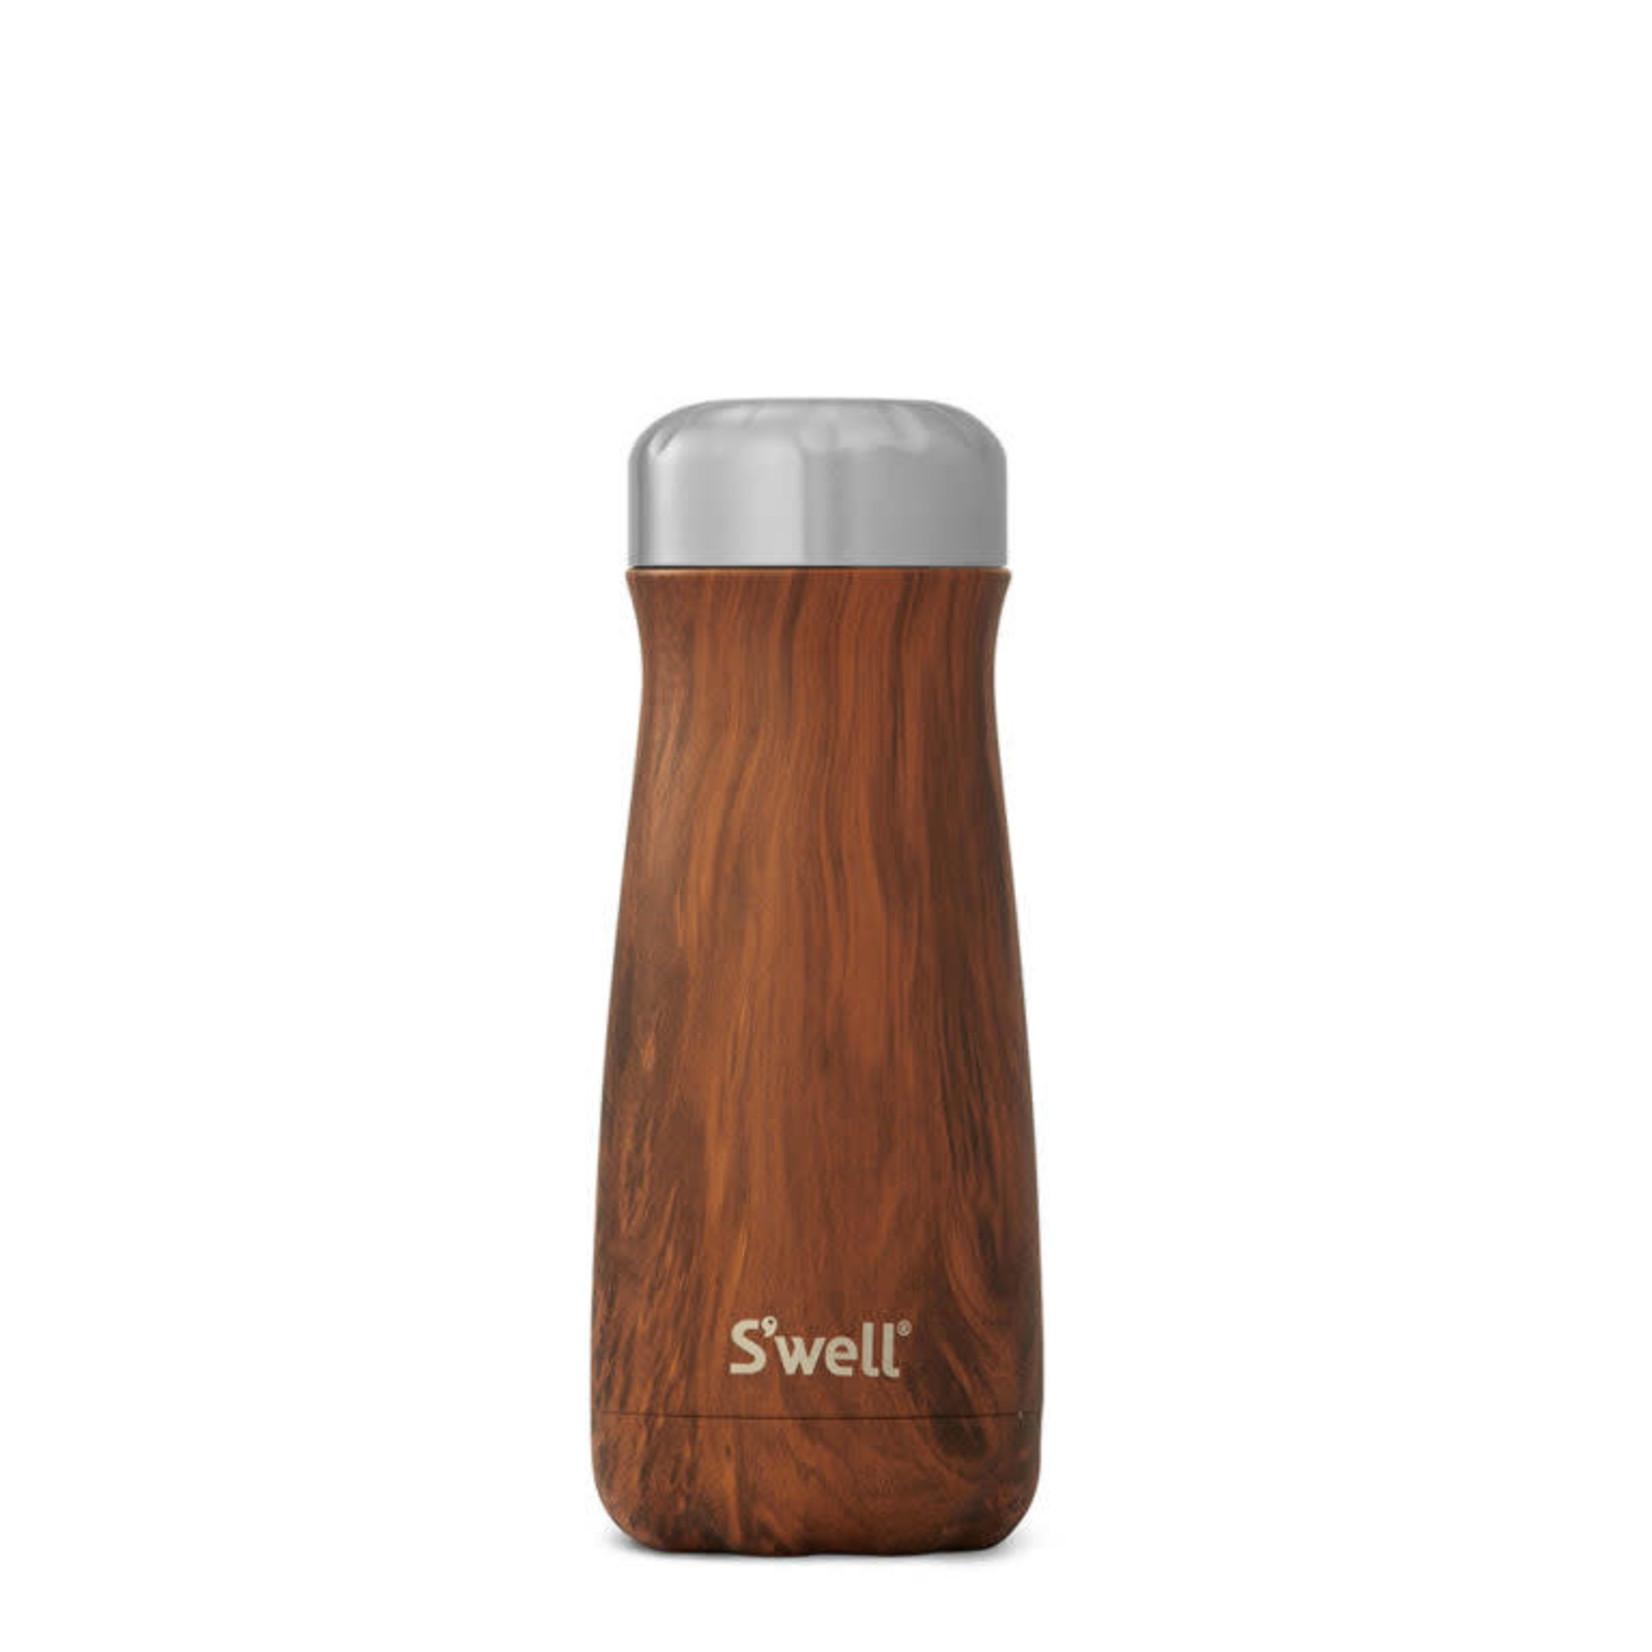 S'well S'well Bottle Traveler 16oz Wood Teakwood